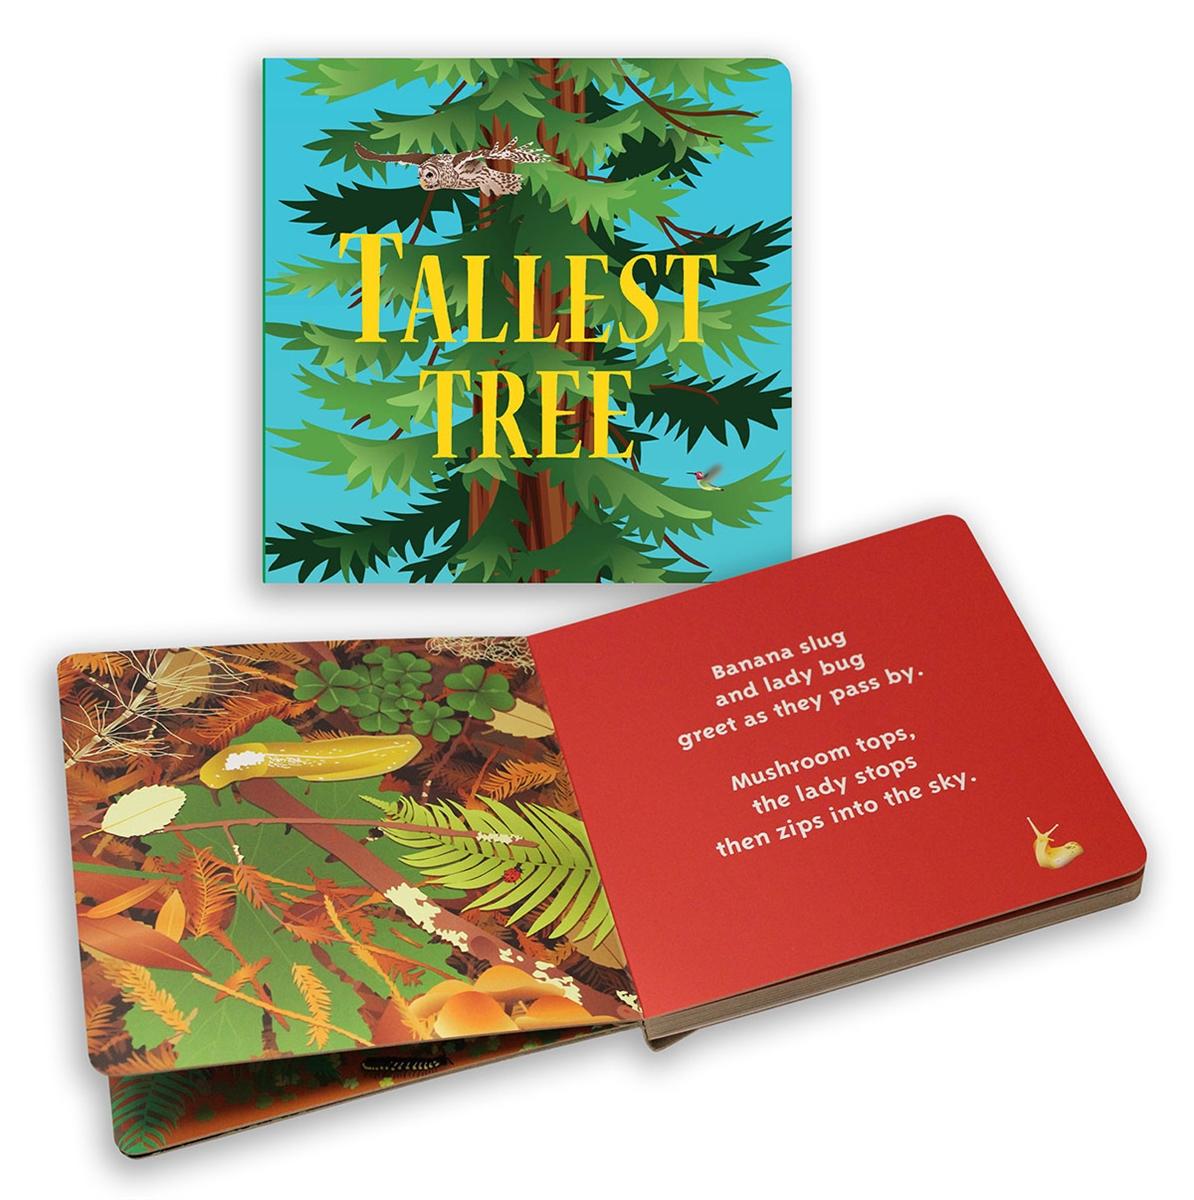 Tallest tree / poem, Robert Lieber ; illustration, Carol Klammer